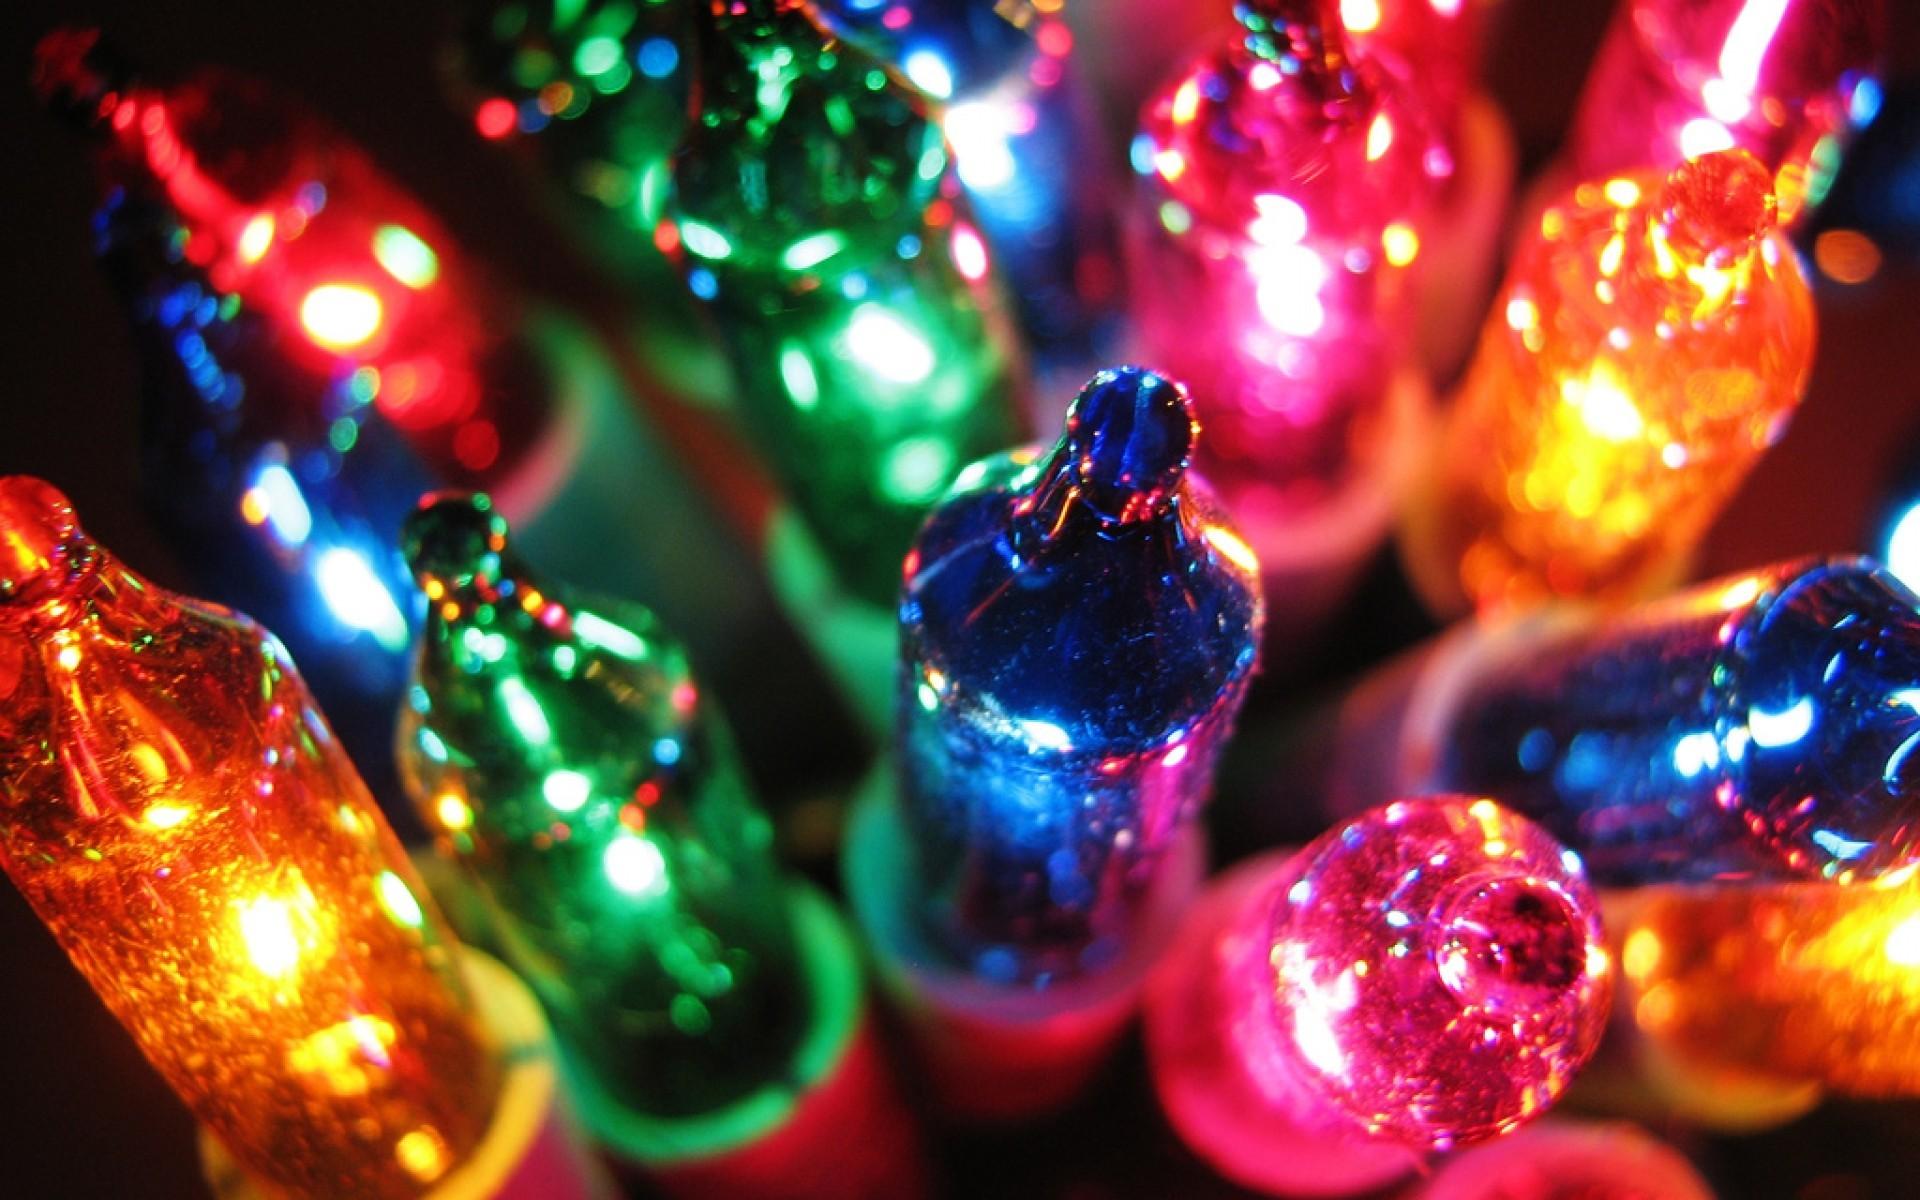 Colorful Christmas Lights Wallpaper